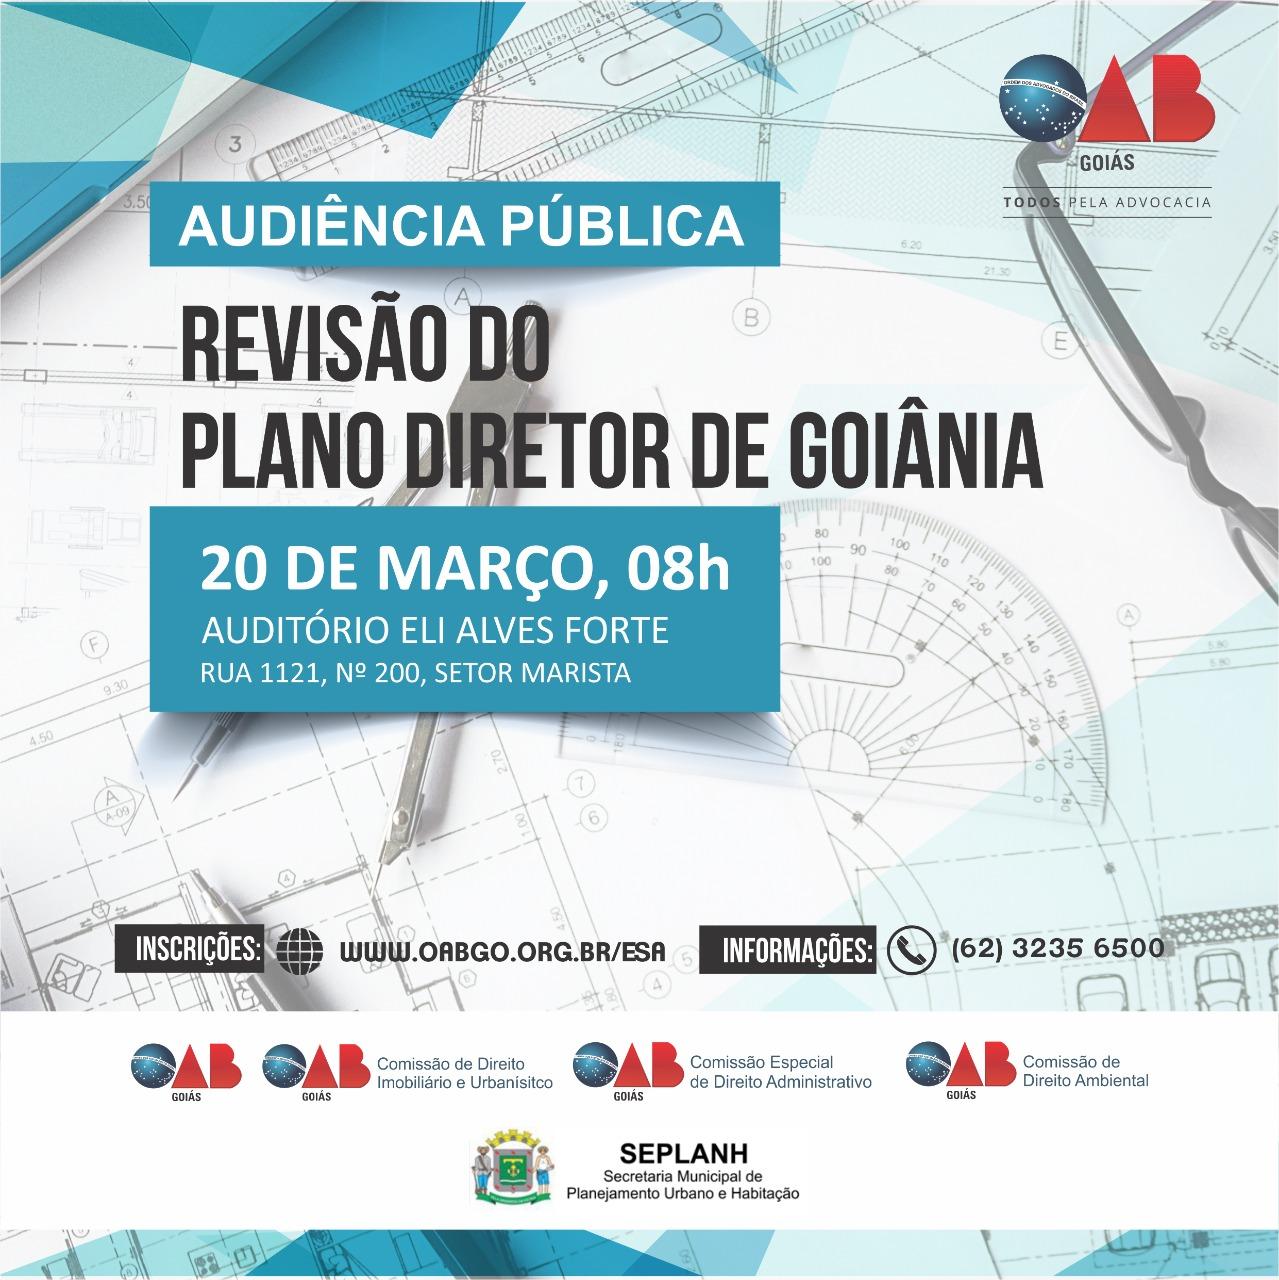 20.03 - Audiência Pública - Revisão do Plano Direitor de Goiânia